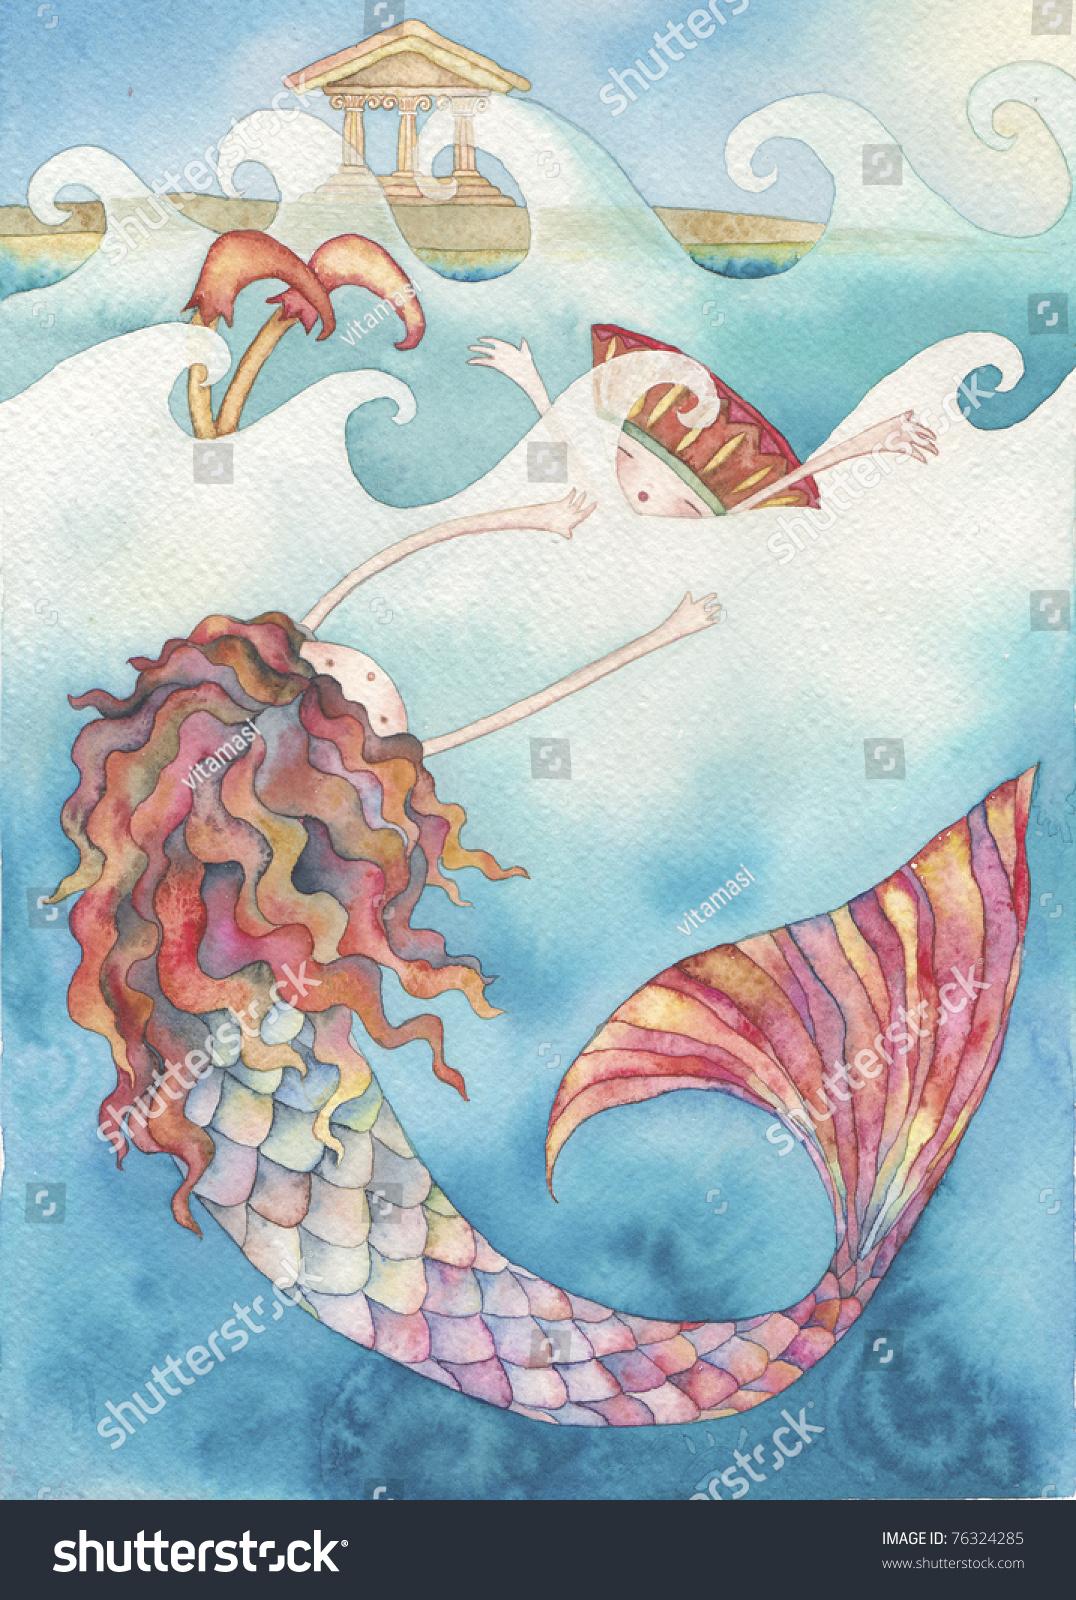 小美人鱼的故事 - 教育,艺术 - 站酷海洛创意正版